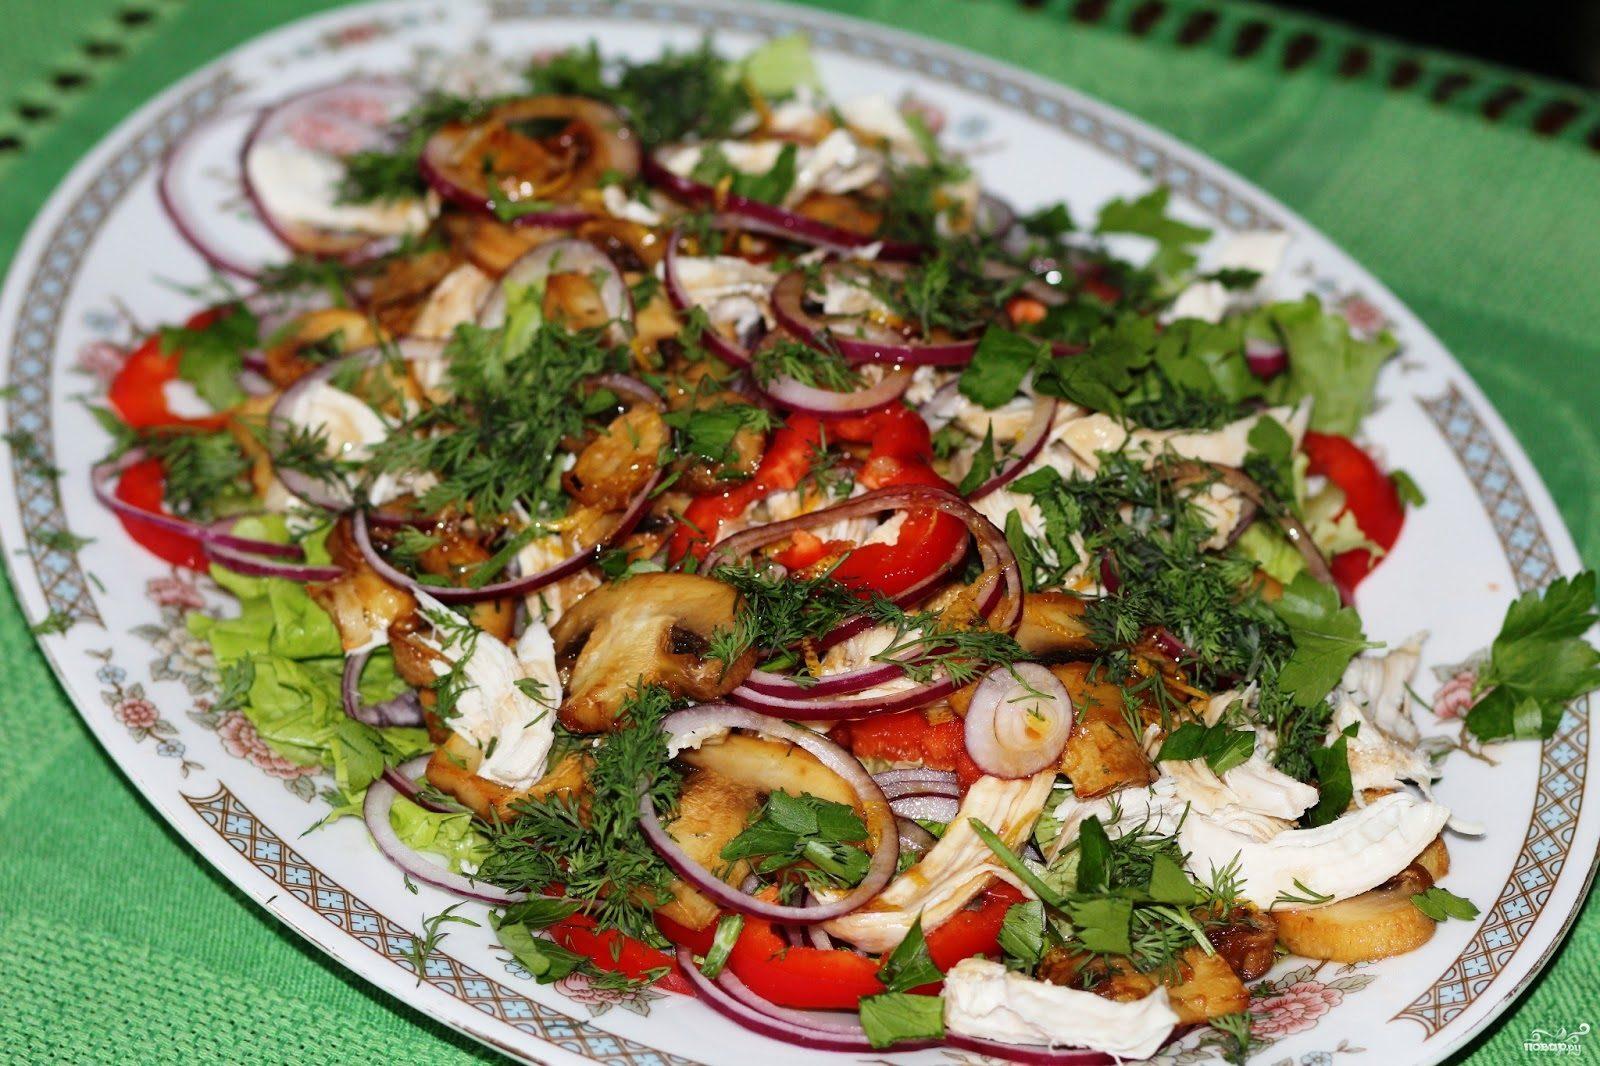 салат с шампиньонами рецепт с фото очень